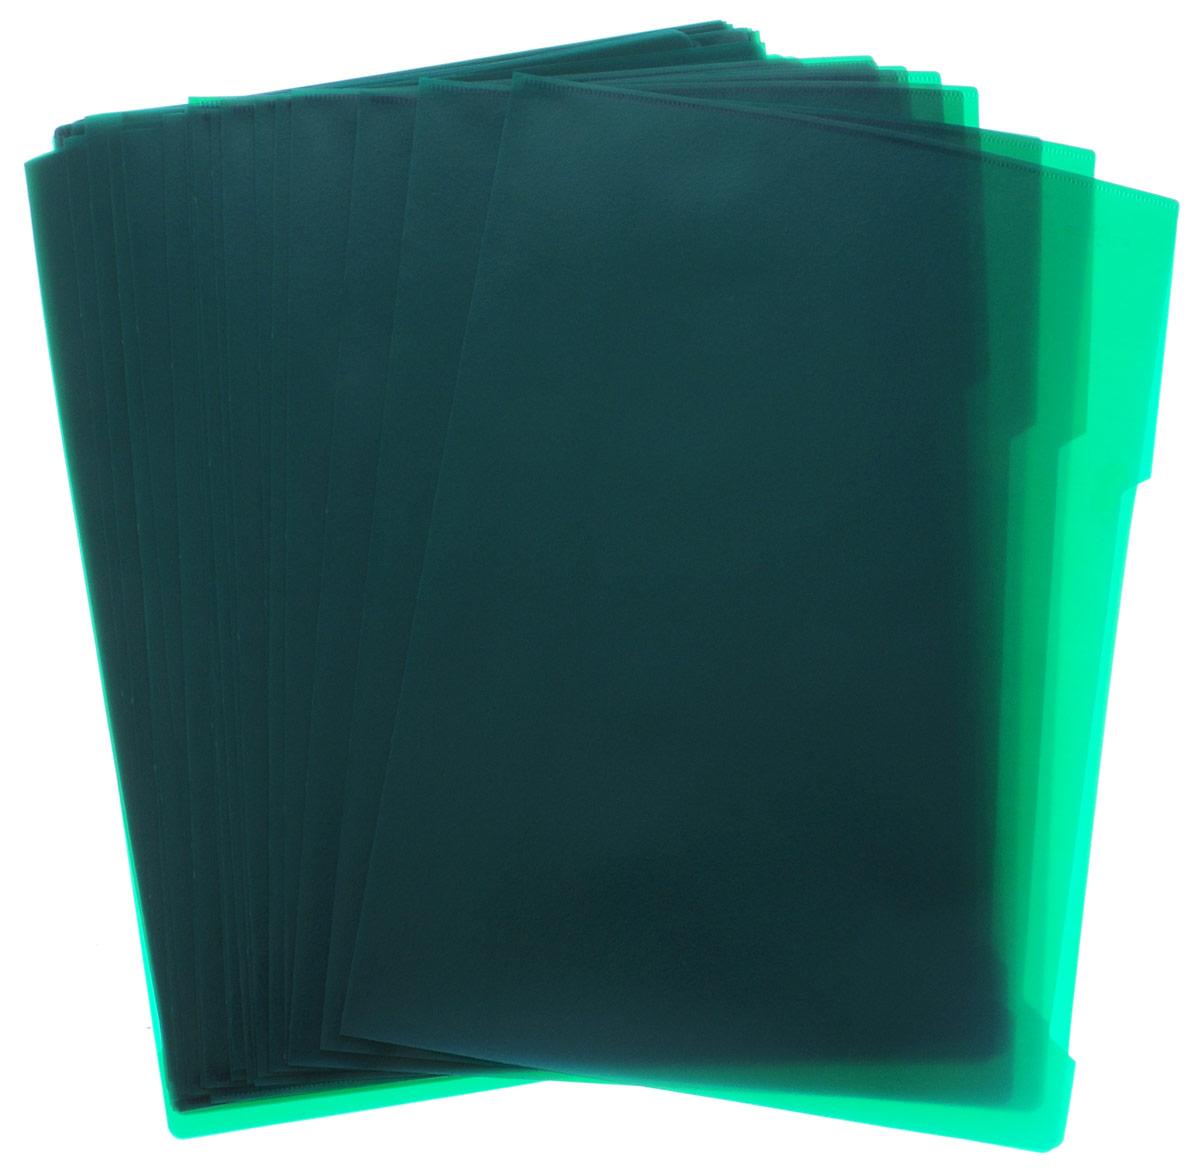 Durable Папка-уголок цвет зеленый 50 шт38209Папка-уголок Durable изготовлена из высококачественного полипропилена. Это удобный и практичный офисный инструмент, предназначенный для хранения и транспортировки рабочих бумаг и документов формата А4. Папка оснащена выемкой для перелистывания листов. В наборе - 50 папок зеленого цвета.Папка-уголок - это незаменимый атрибут для студента, школьника, офисного работника. Такая папка надежно сохранит ваши документы и сбережет их от повреждений, пыли и влаги.